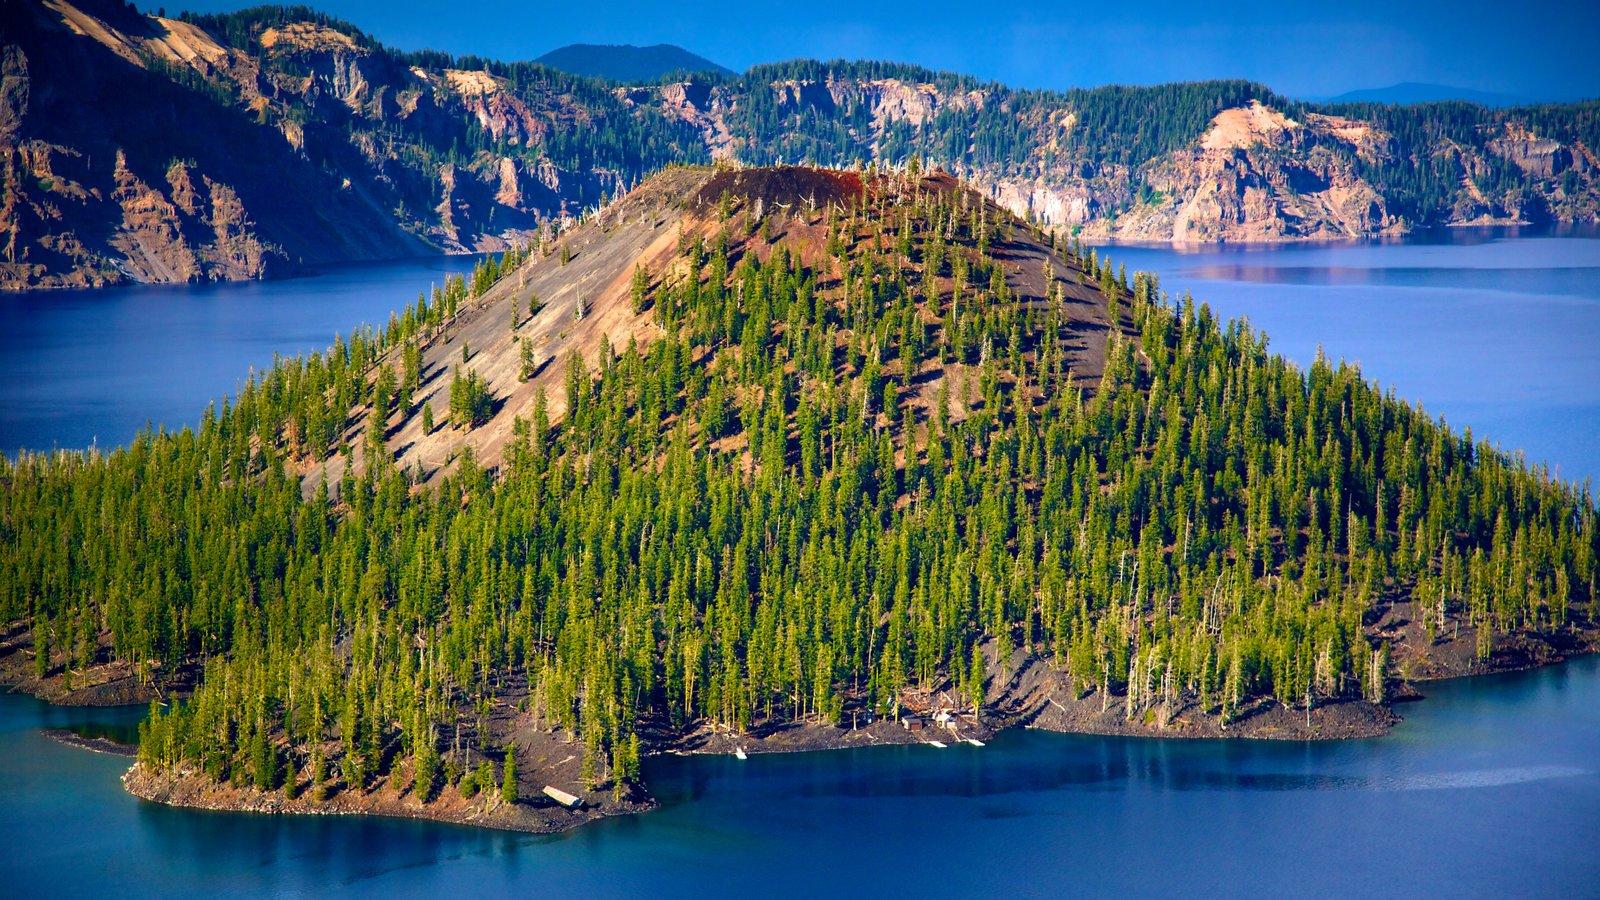 Parque Nacional Lago del Cráter mostrando vistas de una isla, un lago o abrevadero y montañas